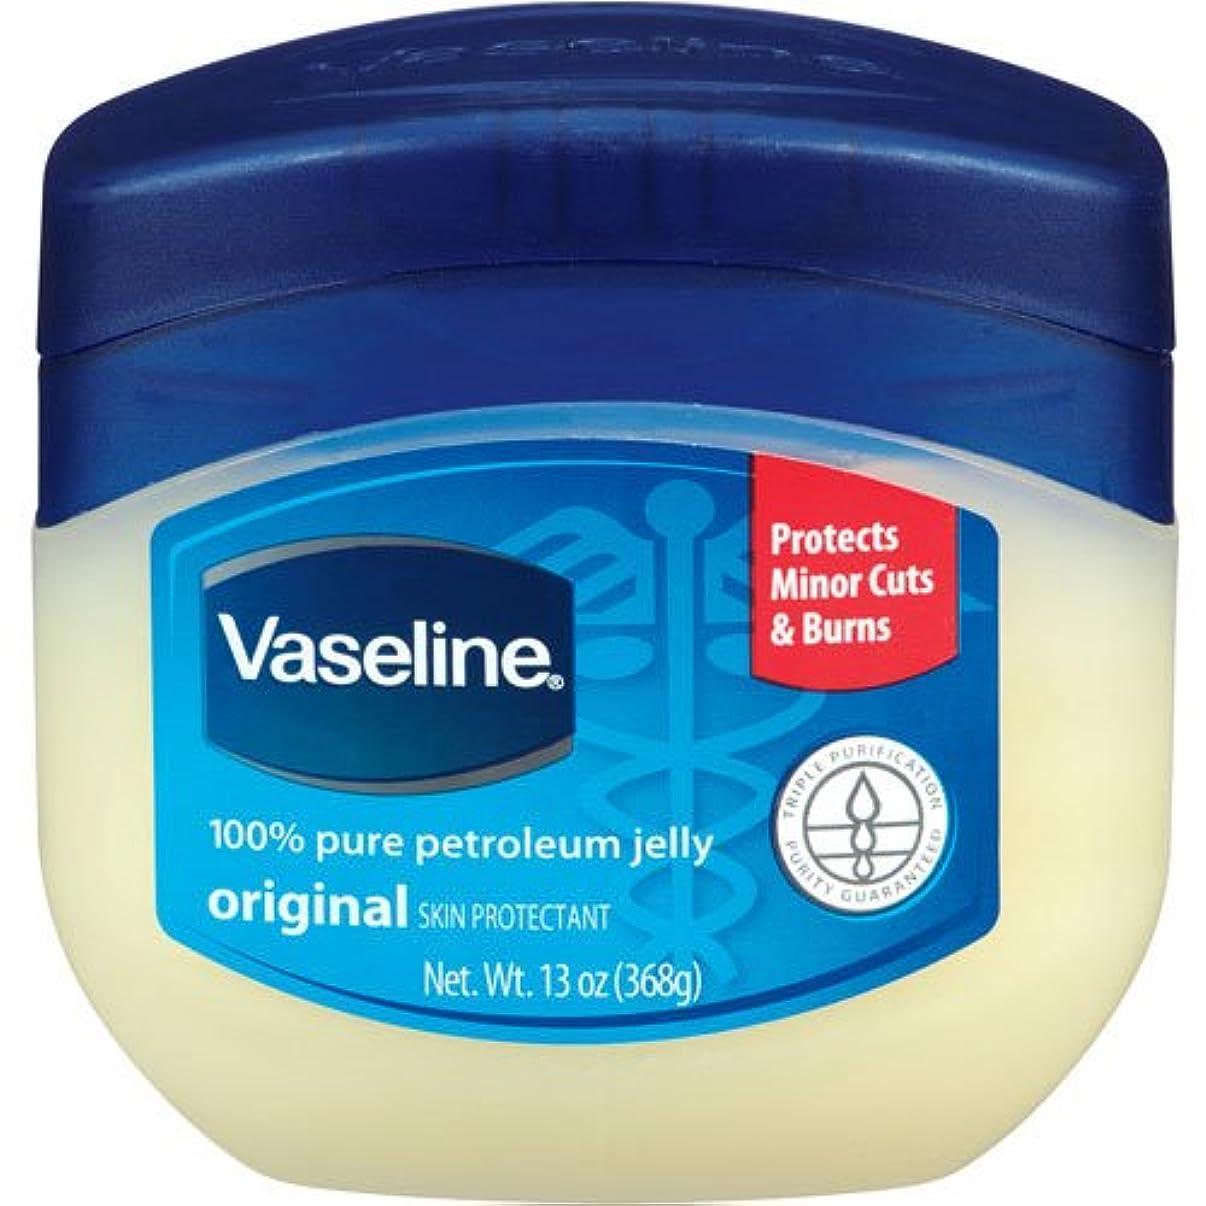 記述する不当船乗りヴァセリン [Vaseline]ペトロリュームジェリージャータイプ[保湿クリーム]368g[並行輸入品]